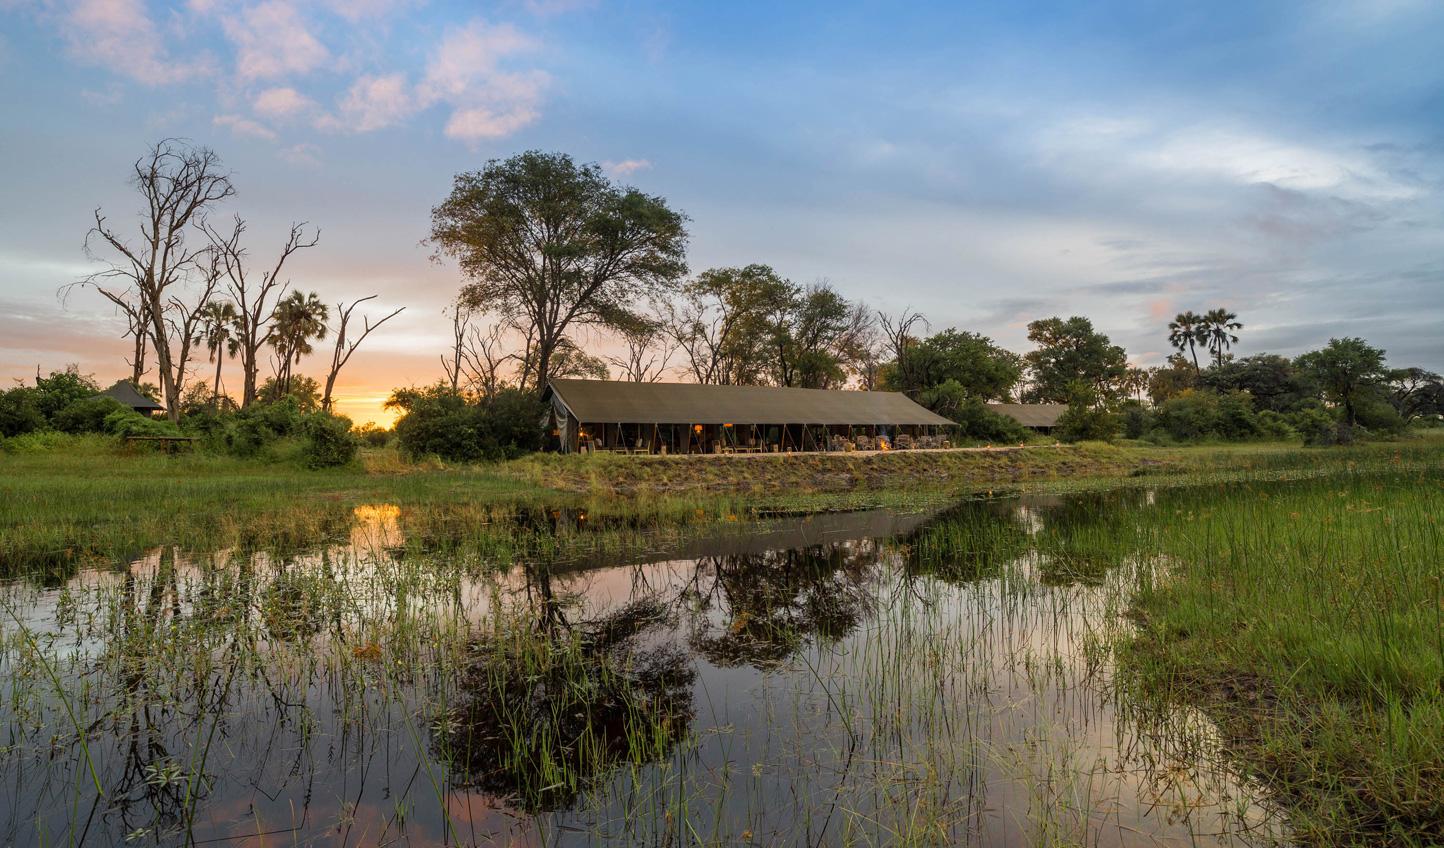 Explore the beautiful Okavango Delta